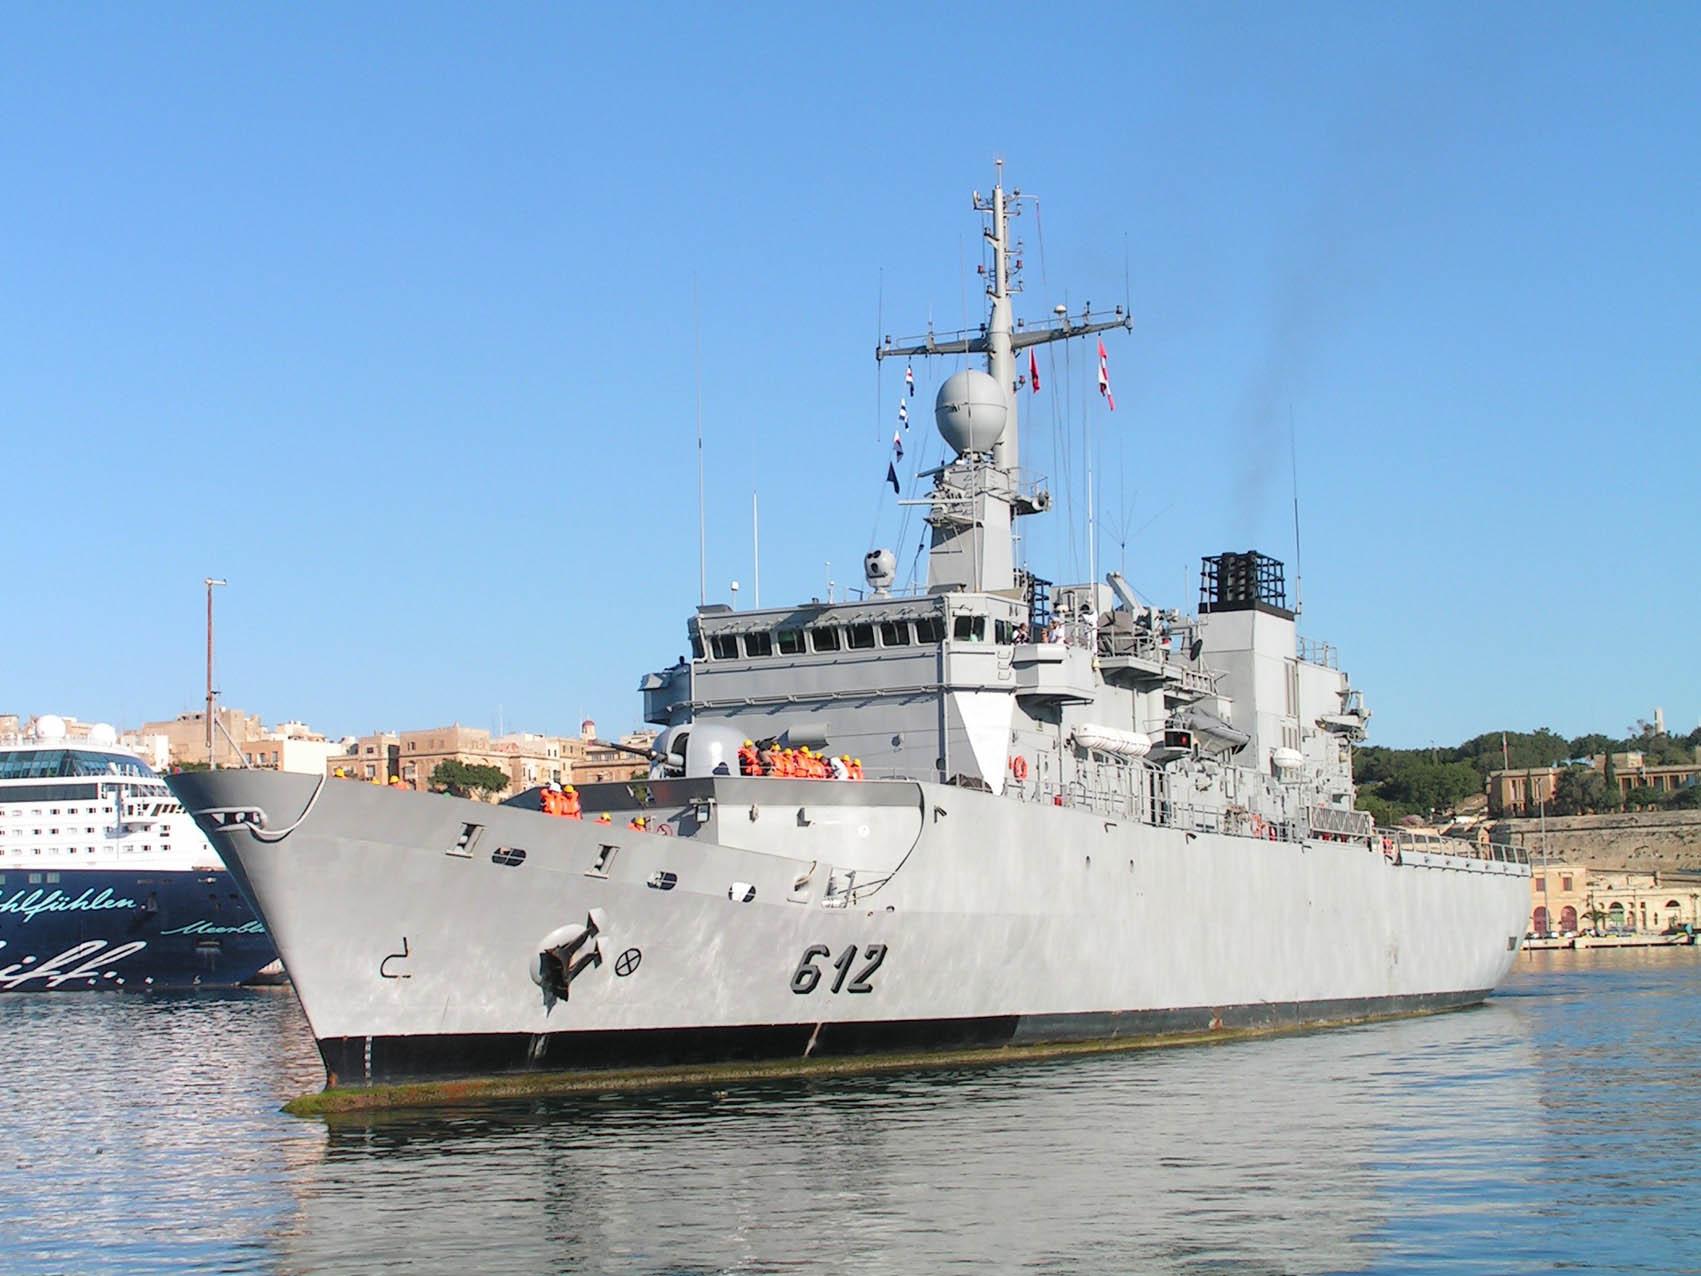 Royal Moroccan Navy Floréal Frigates / Frégates Floréal Marocaines - Page 10 14303115558_dd1d687c31_o